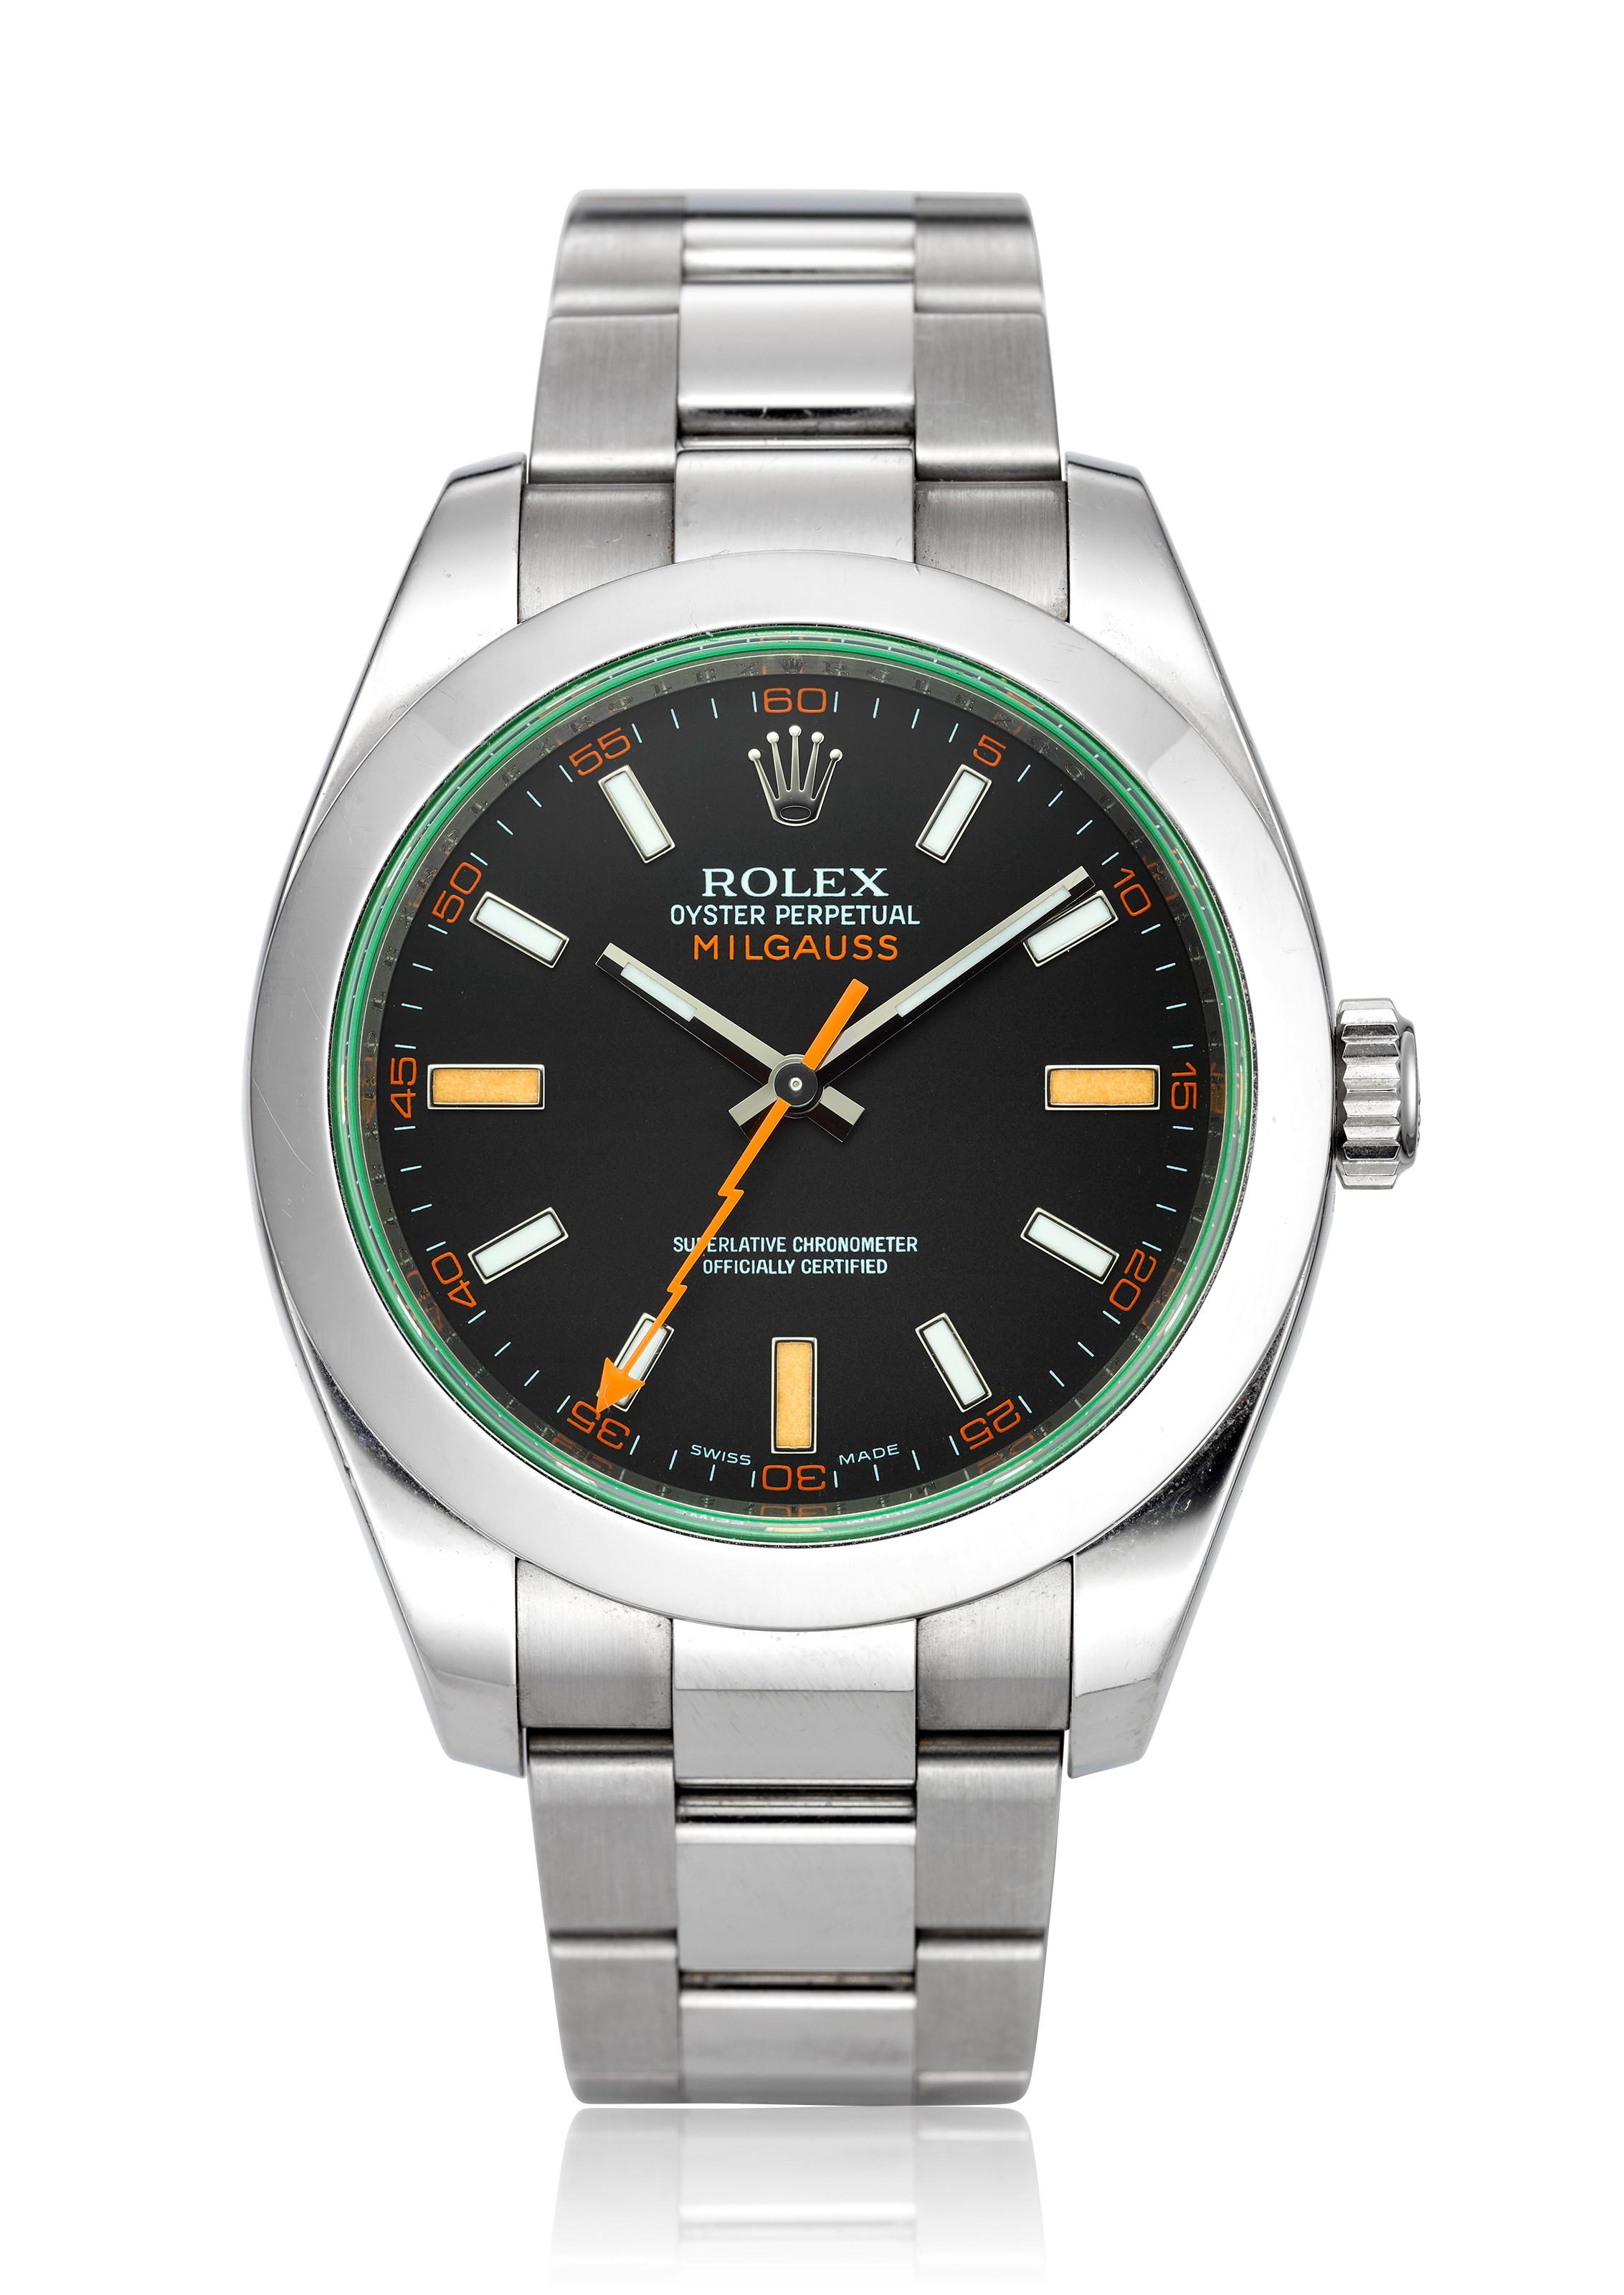 ROLEX, MILGAUSS, REF. 116400 V